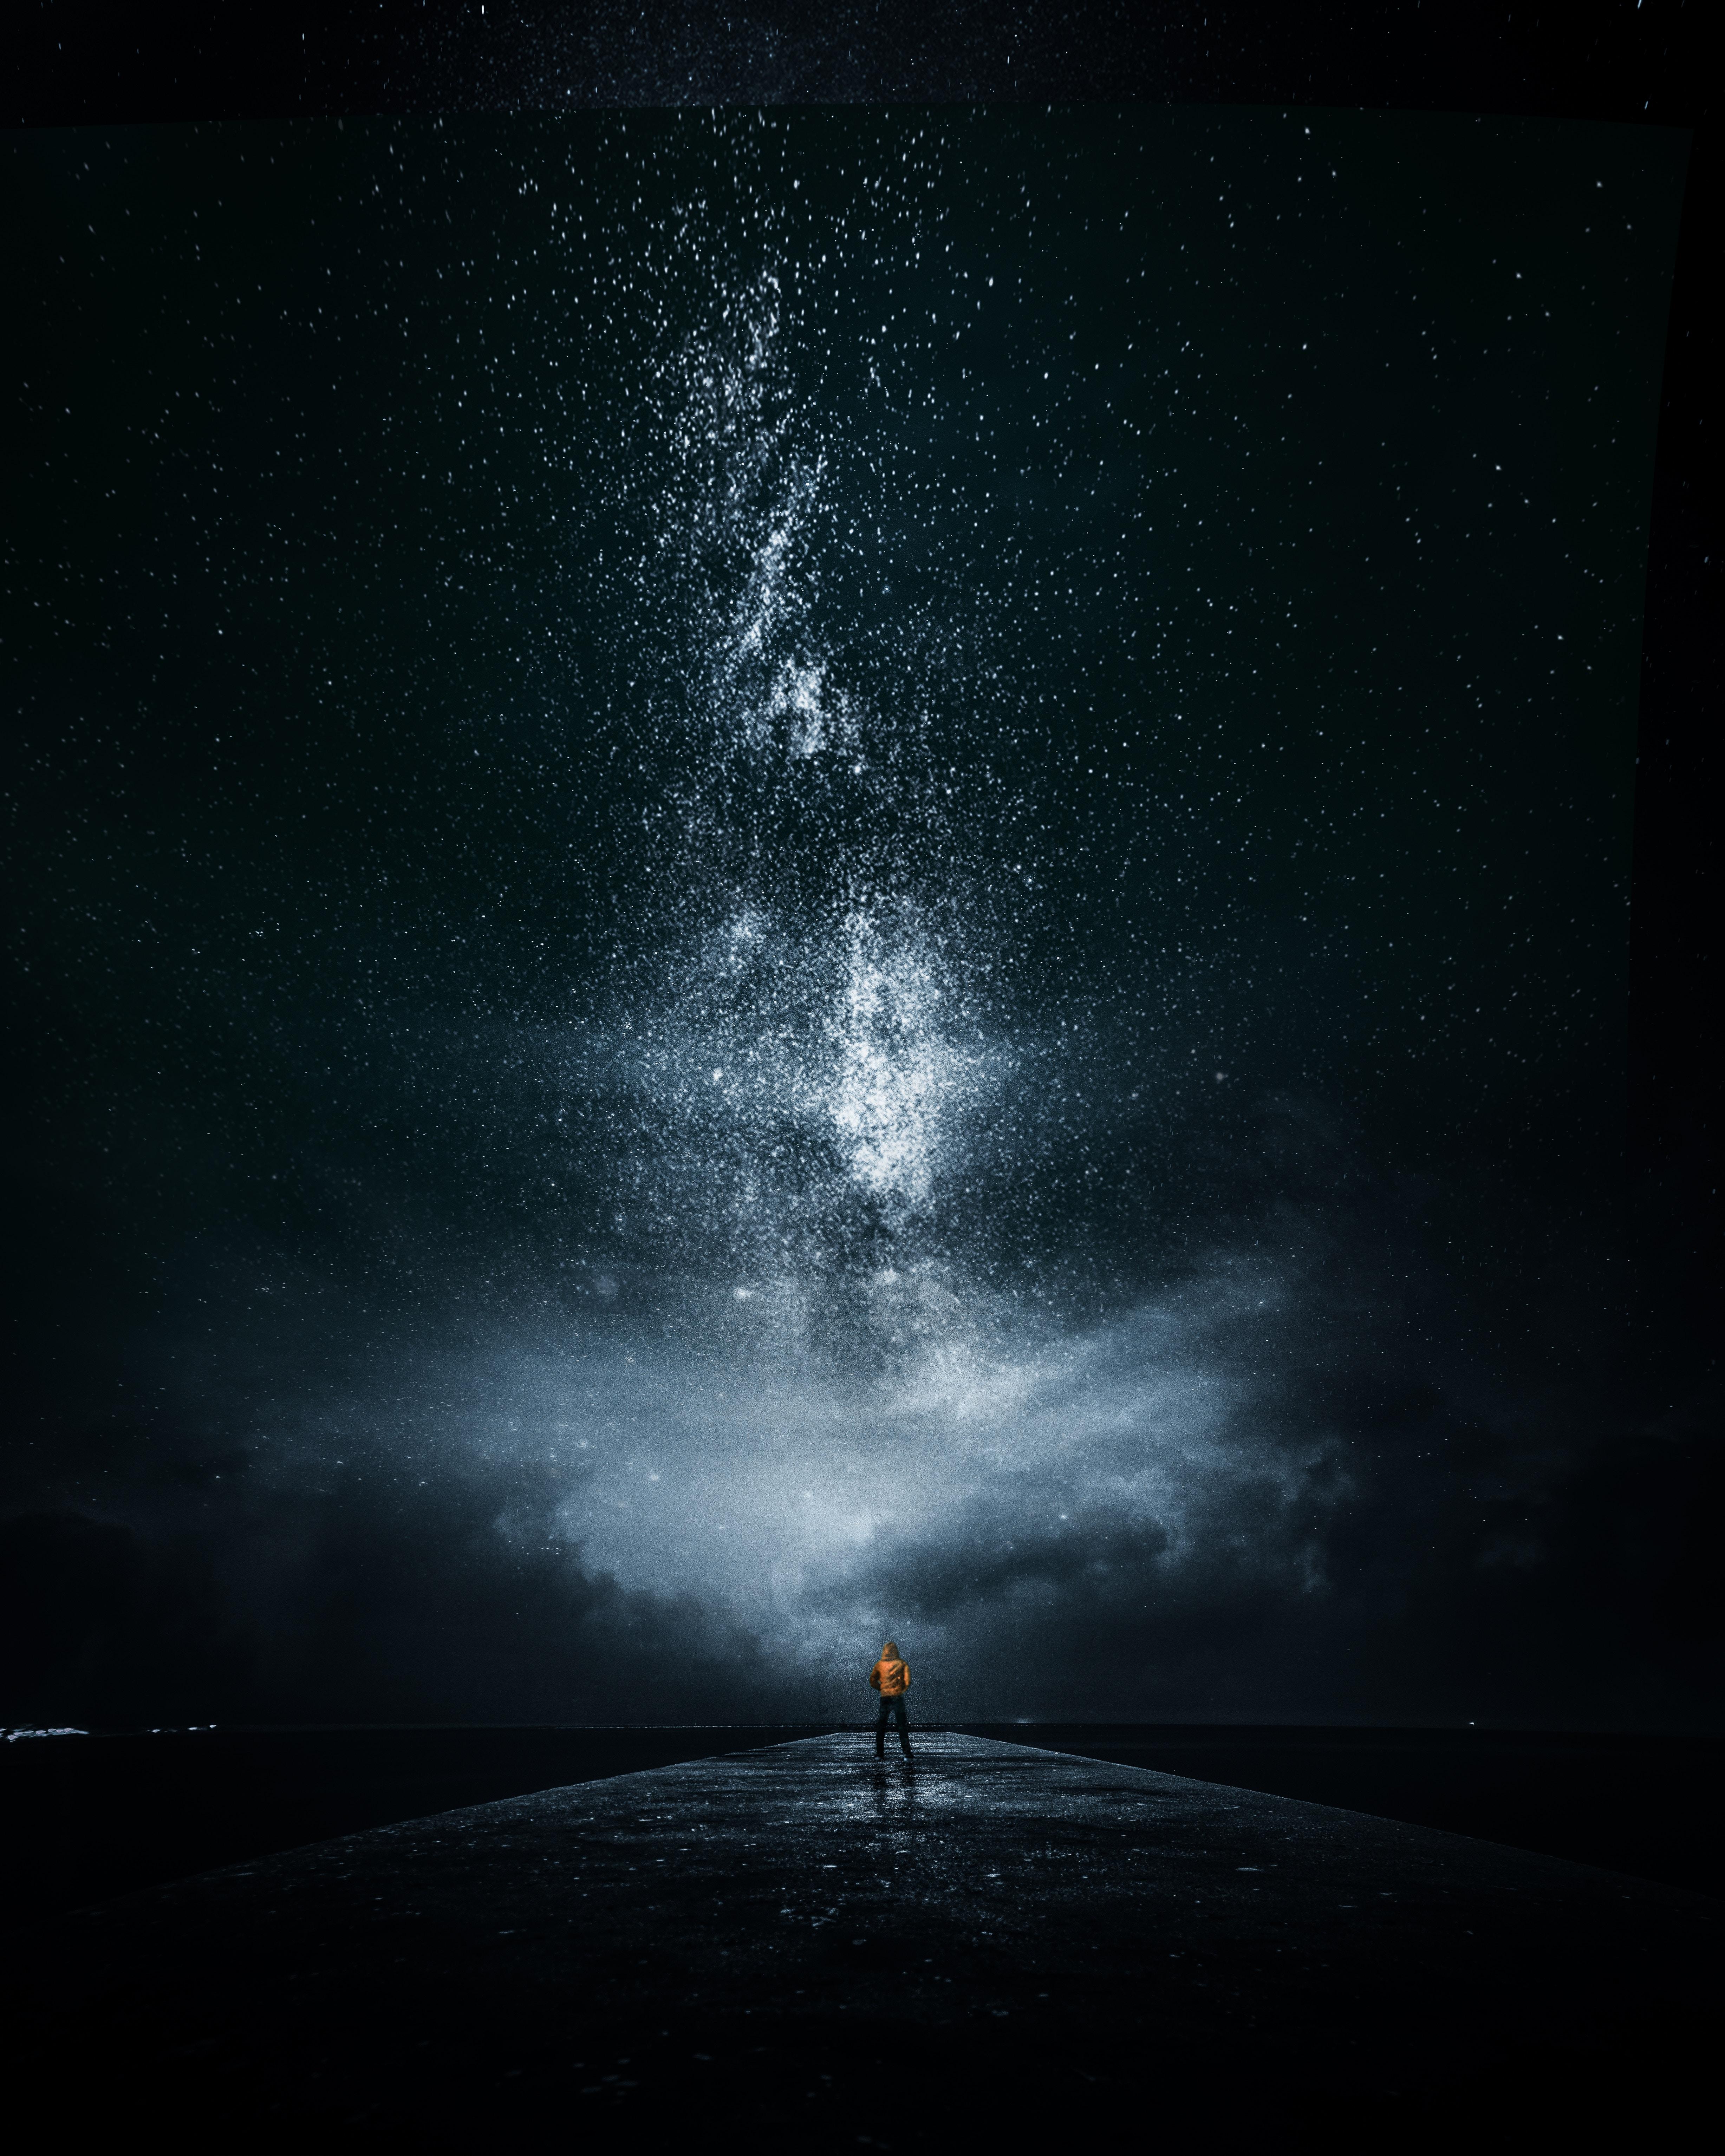 99653壁紙のダウンロード闇, 暗い, 夜空, 人間, 人, 天の川, スター-スクリーンセーバーと写真を無料で